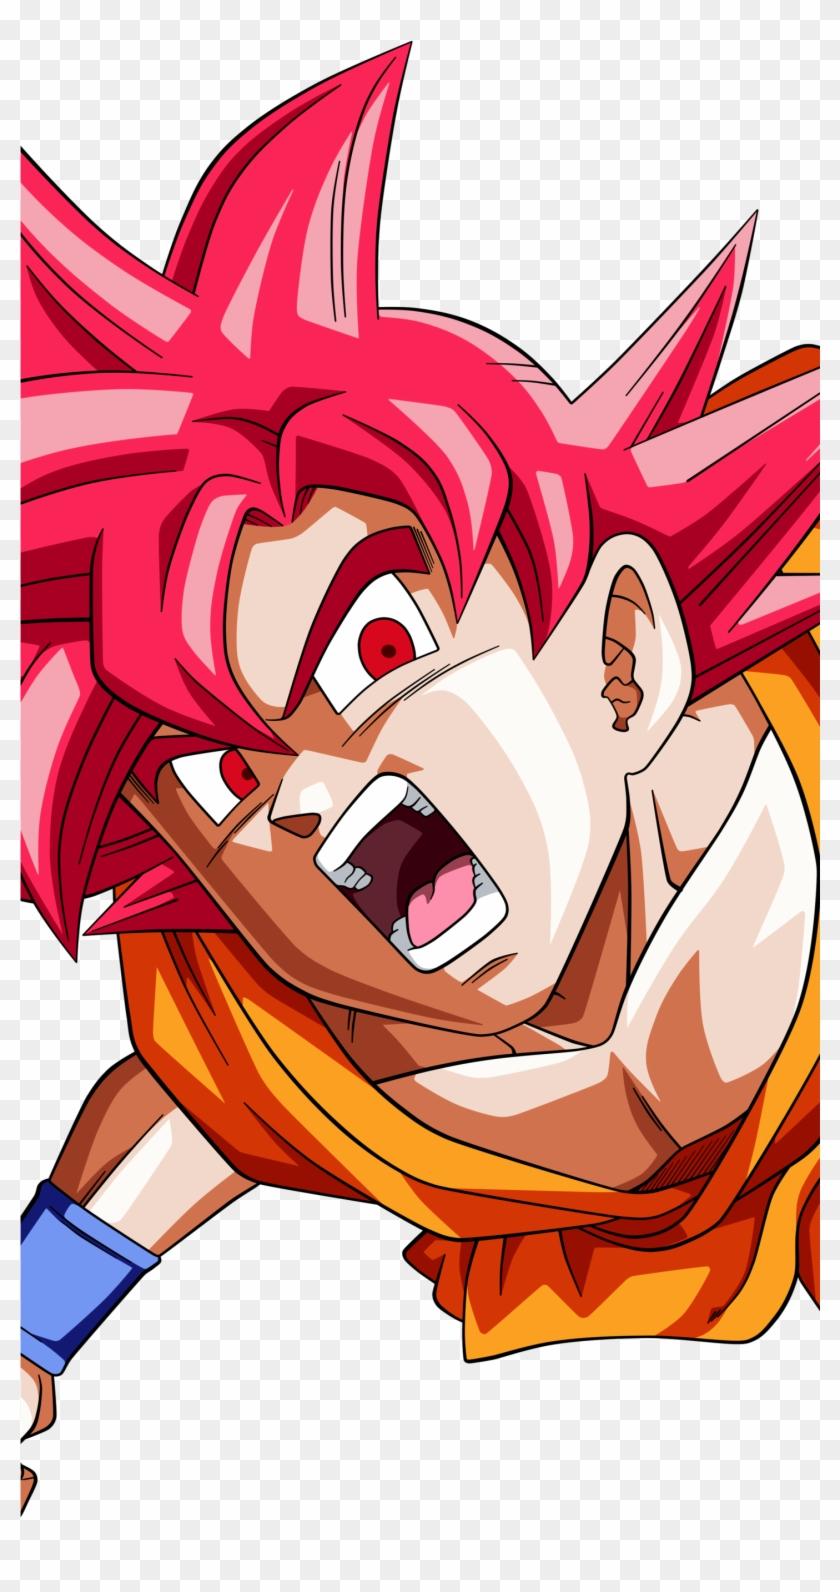 Unduh 45 Koleksi Wallpaper Anime Hd Png Terbaik